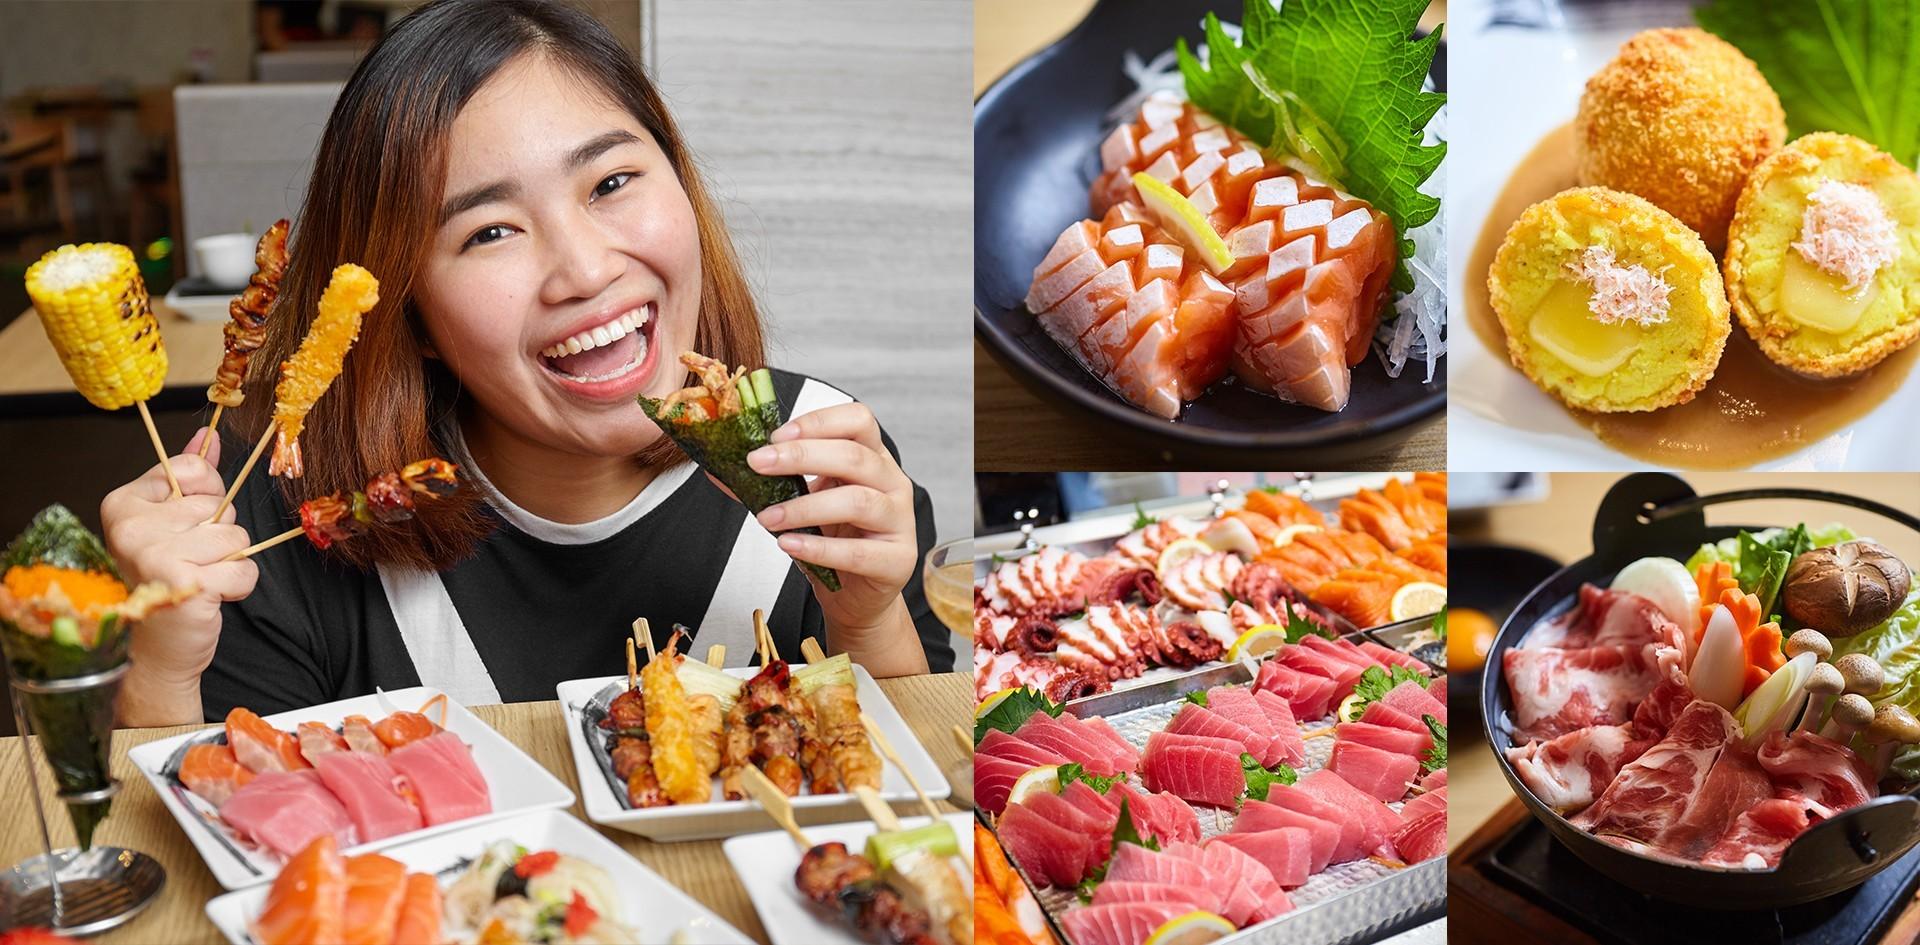 """""""OISHI EATERIUM"""" นิยามใหม่ของร้านอาหารญี่ปุ่น...แห่งแรกของประเทศไทย!"""